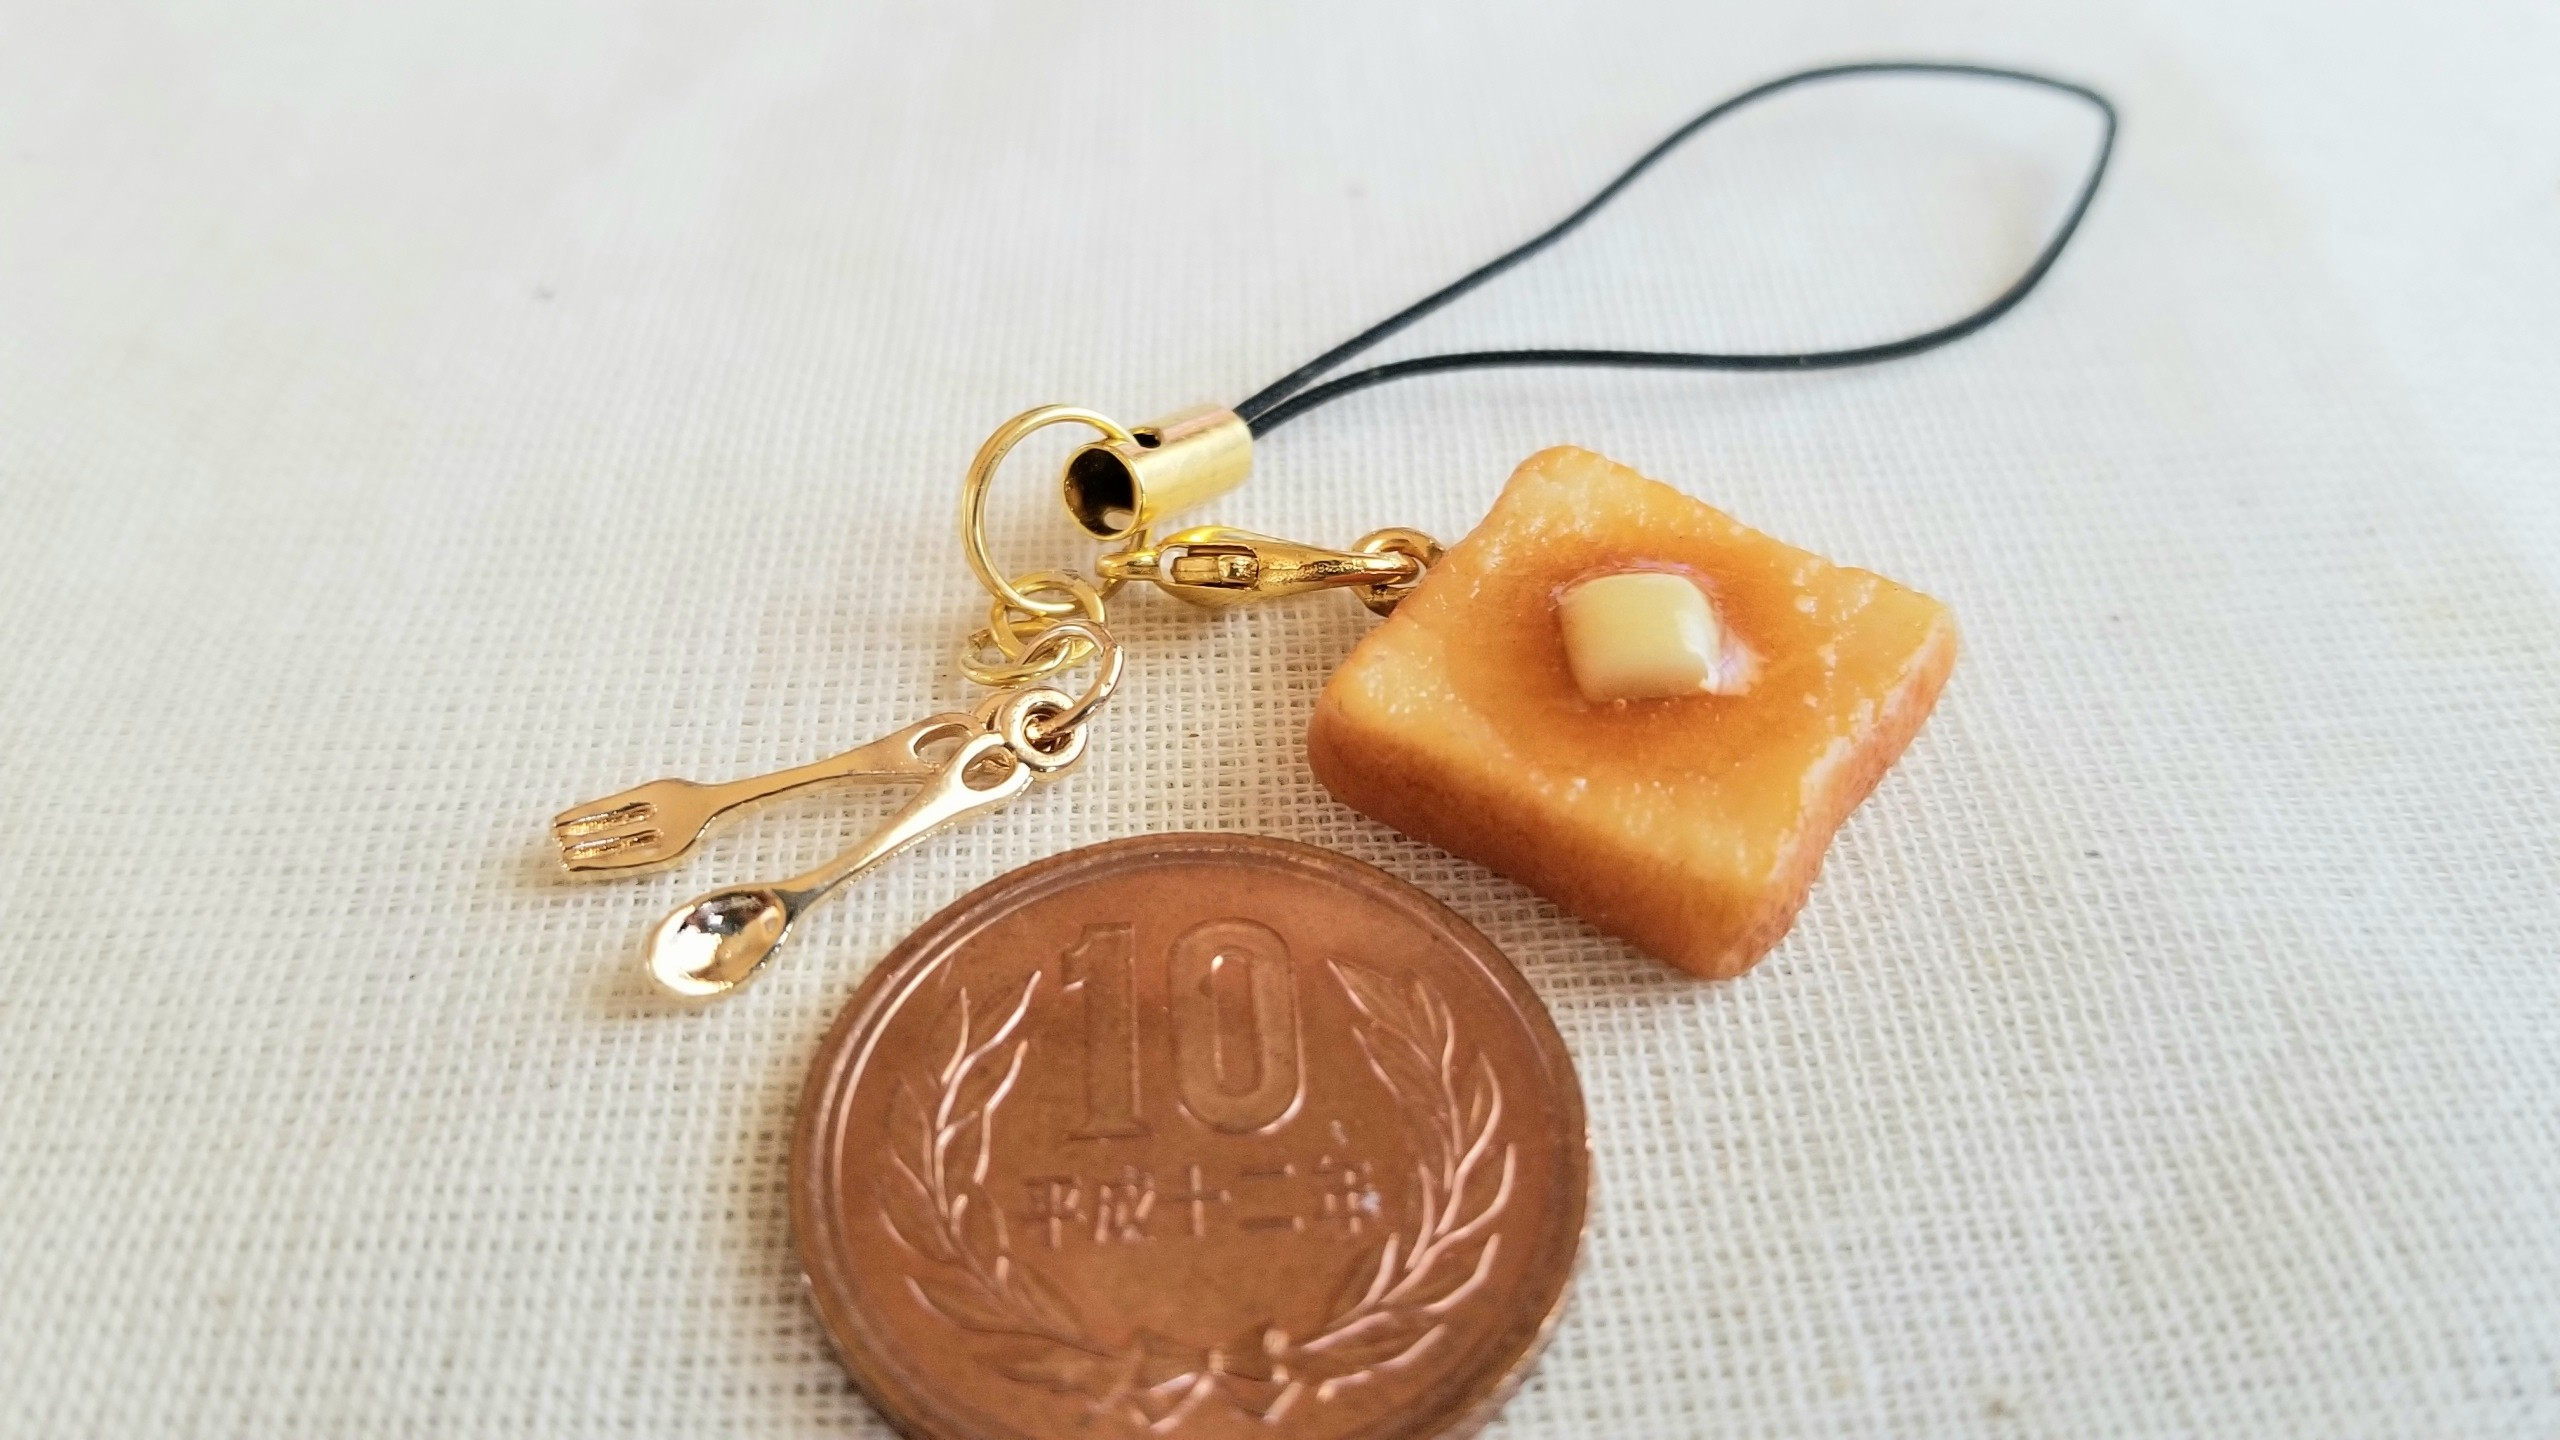 ミニチュアフードプレゼント企画トーストパン樹脂粘土ツイッター